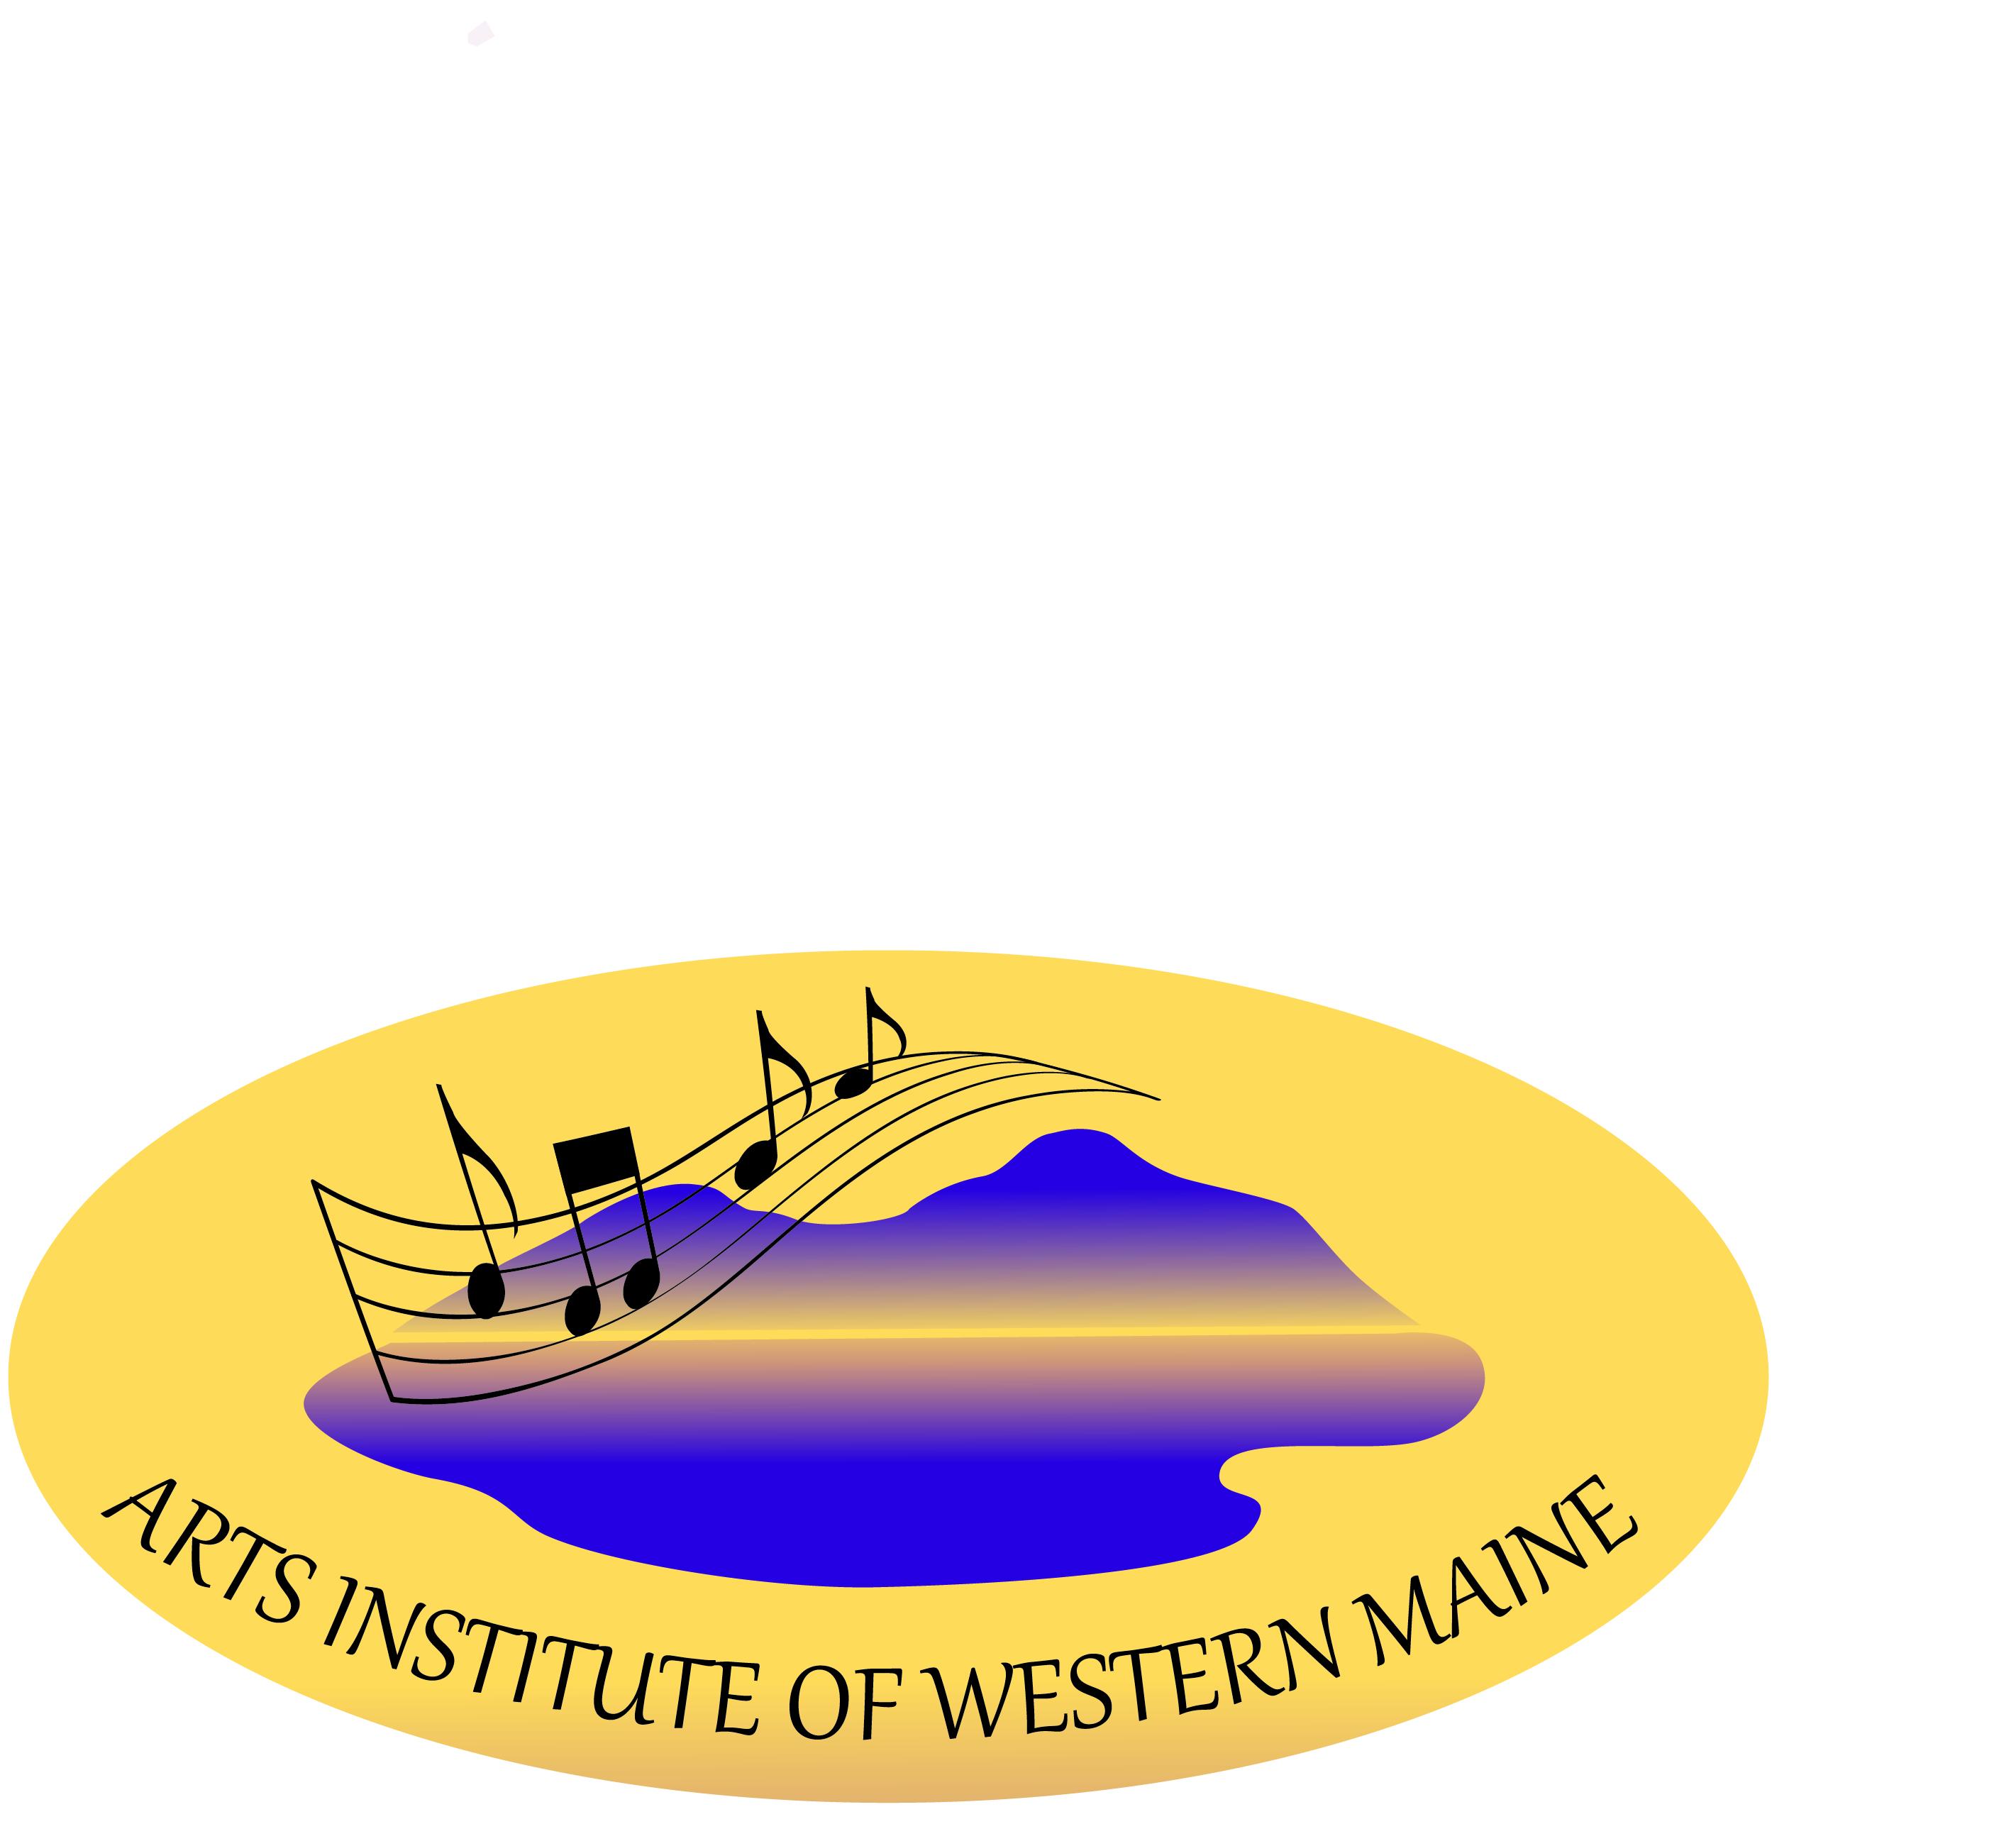 Arts Institute of Western Maine